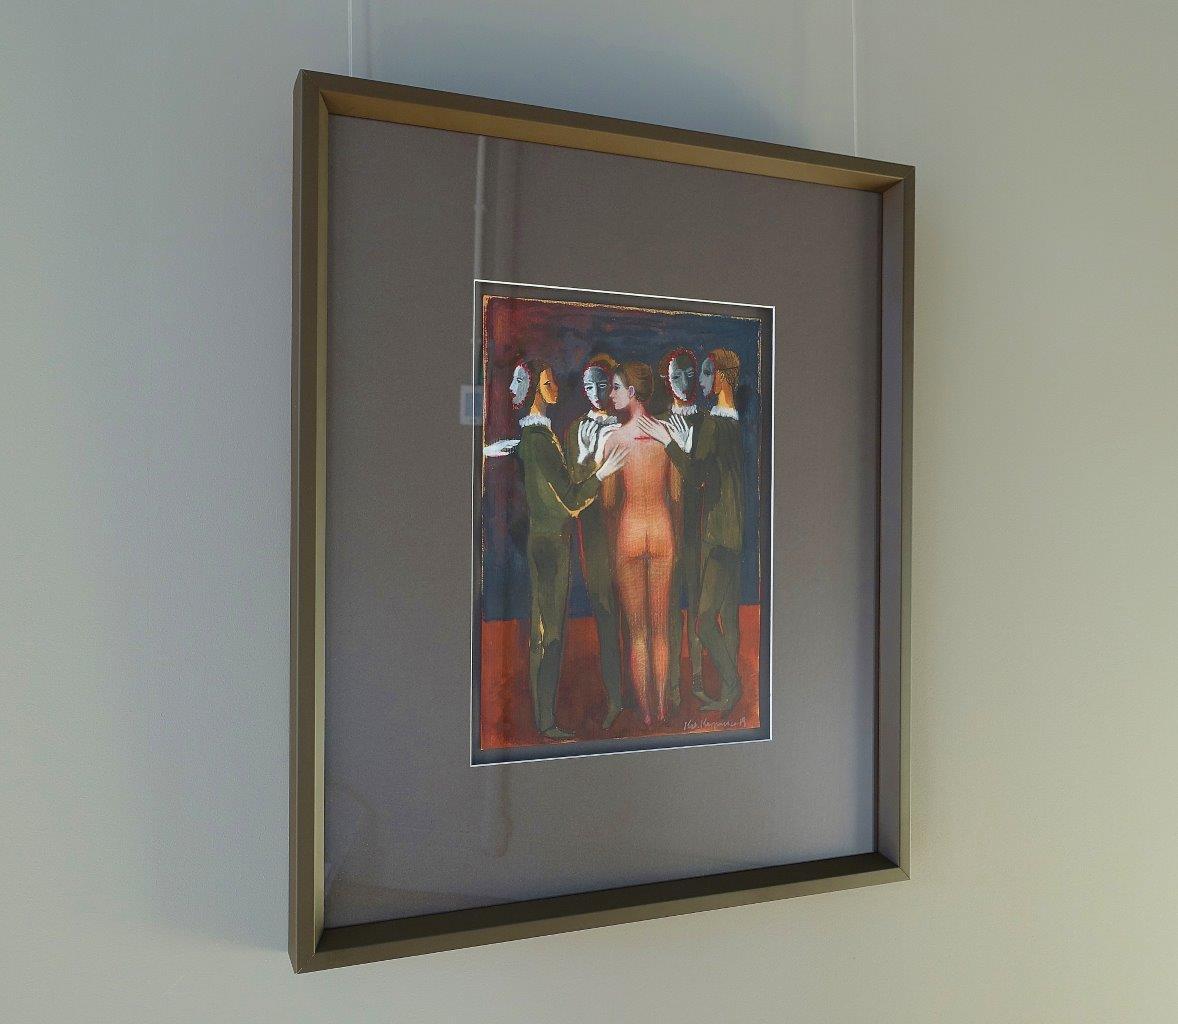 Katarzyna Karpowicz : Nude